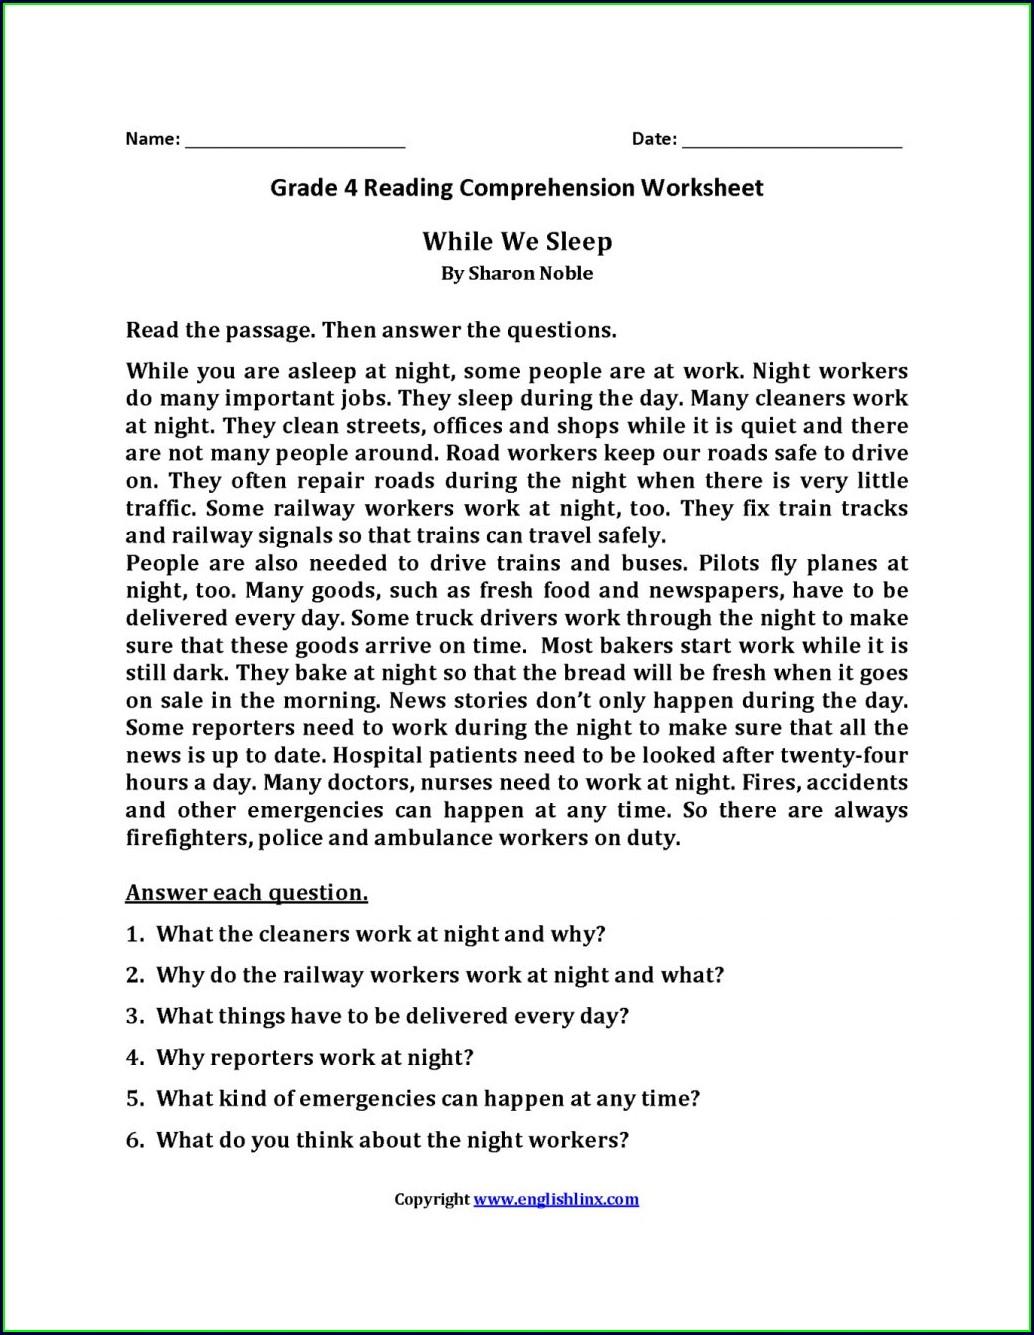 Reading Comprehension Worksheets For Grade 4 Pdf